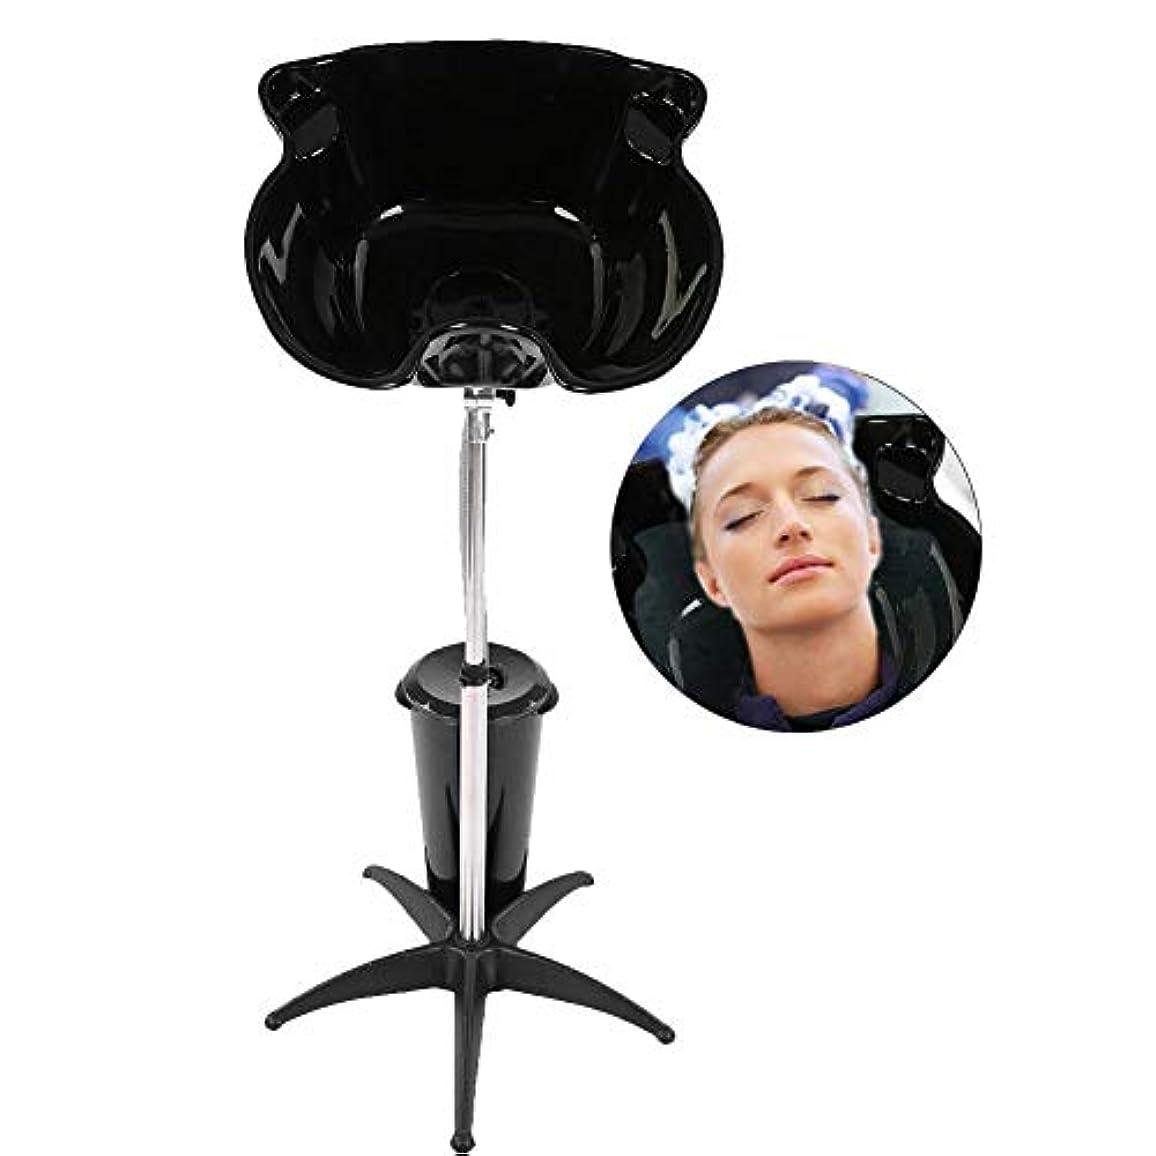 増幅器喉頭走る水切り付き洗面器、高さ調節可能ステンレススチール理髪店のシンク